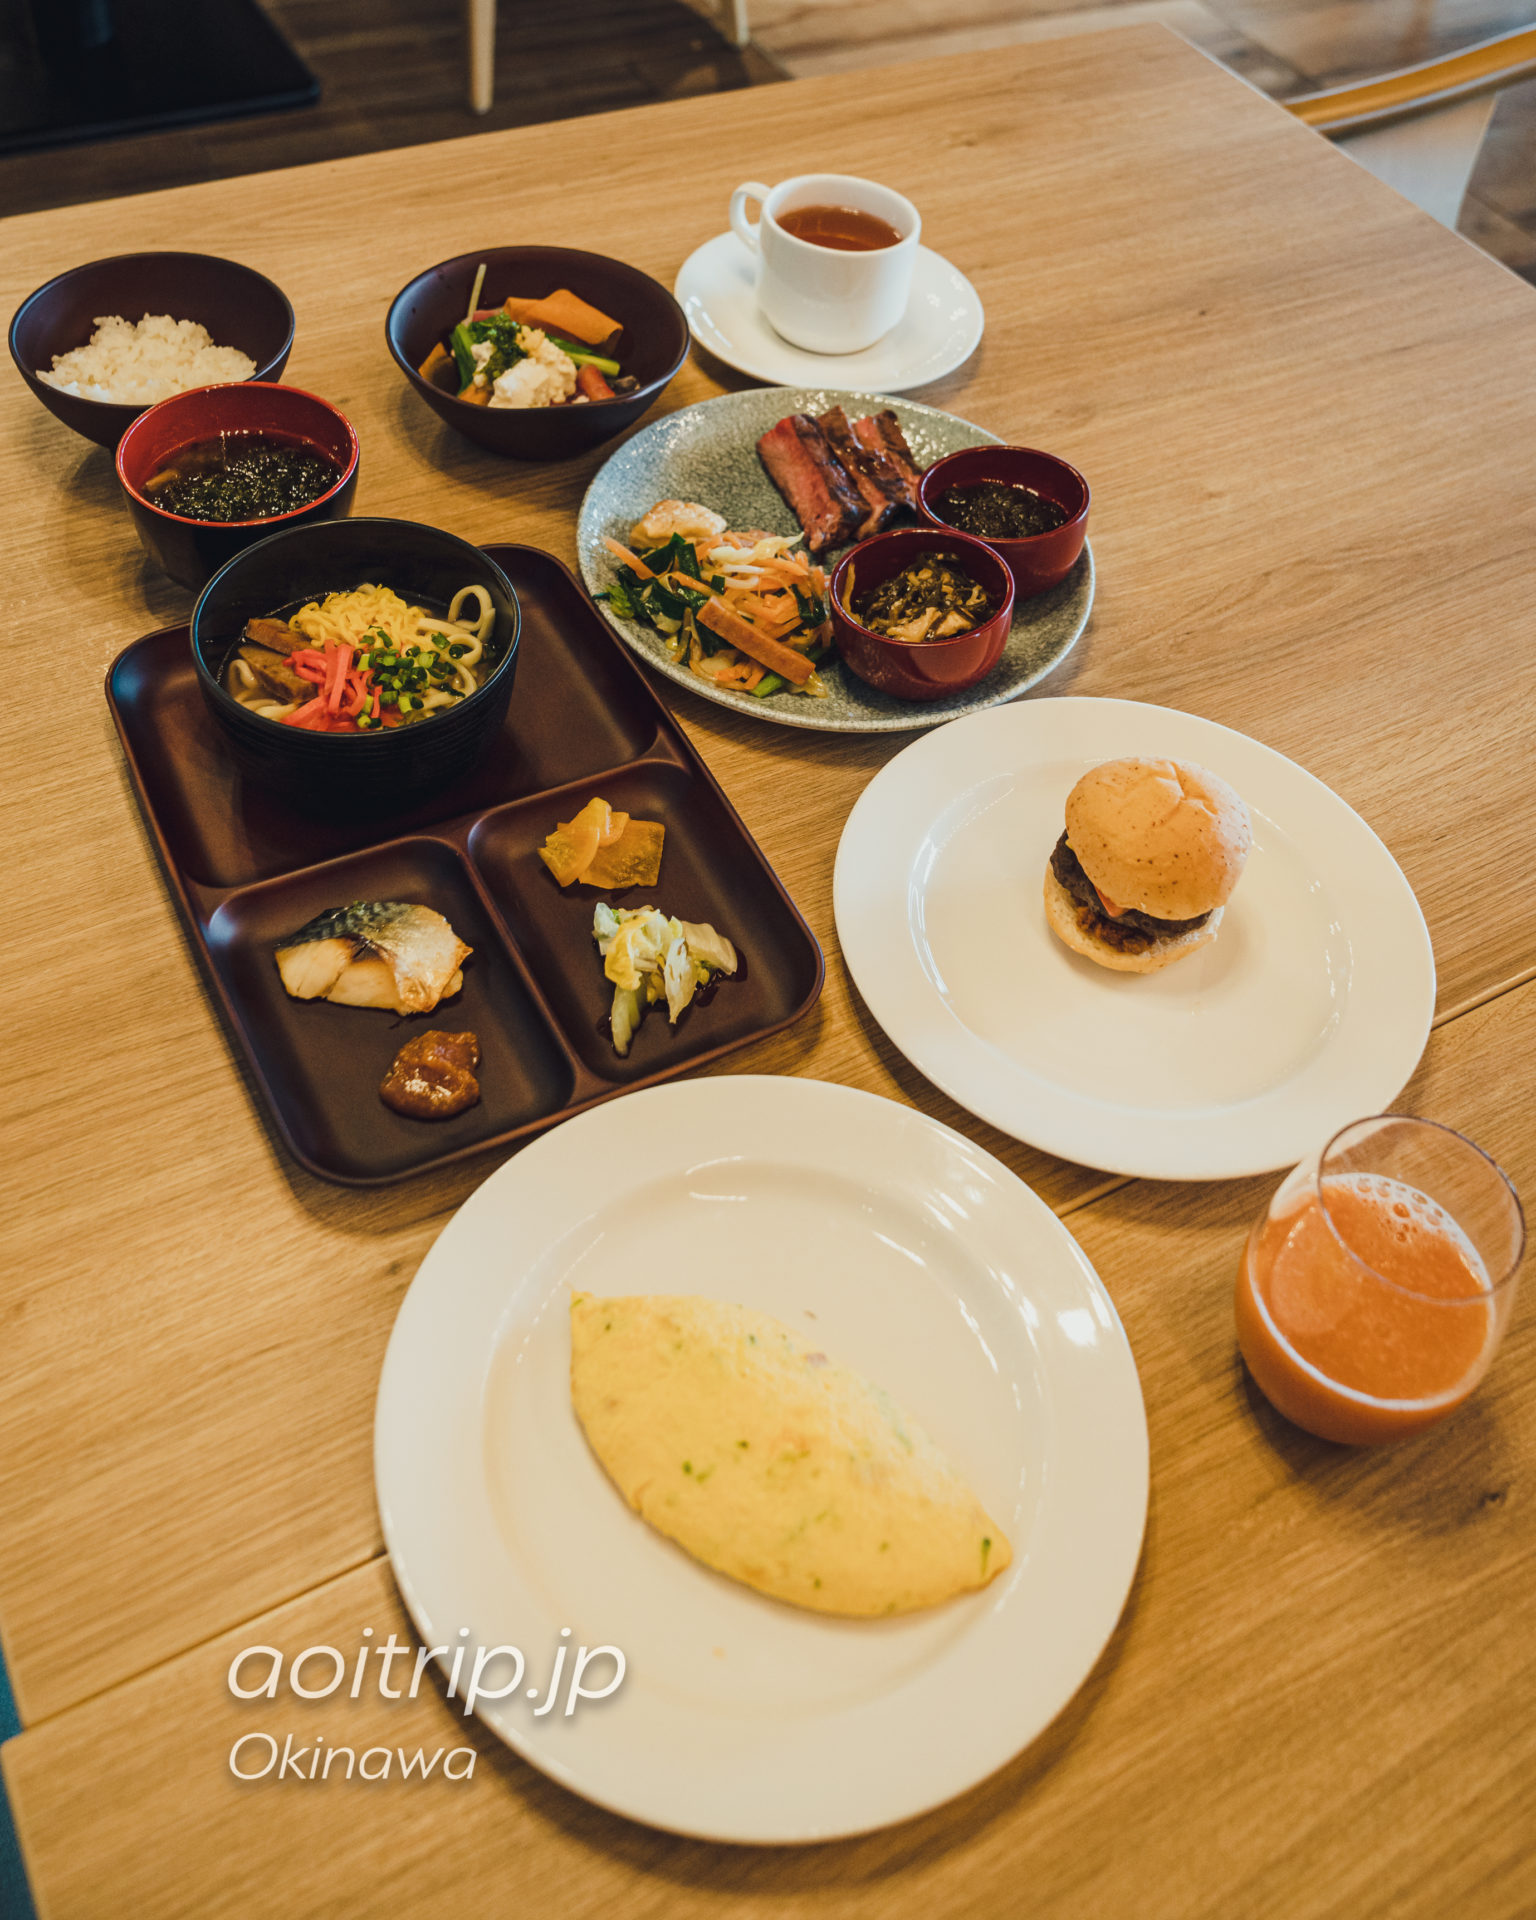 オキナワ マリオット リゾート & スパの朝食ビュッフェ